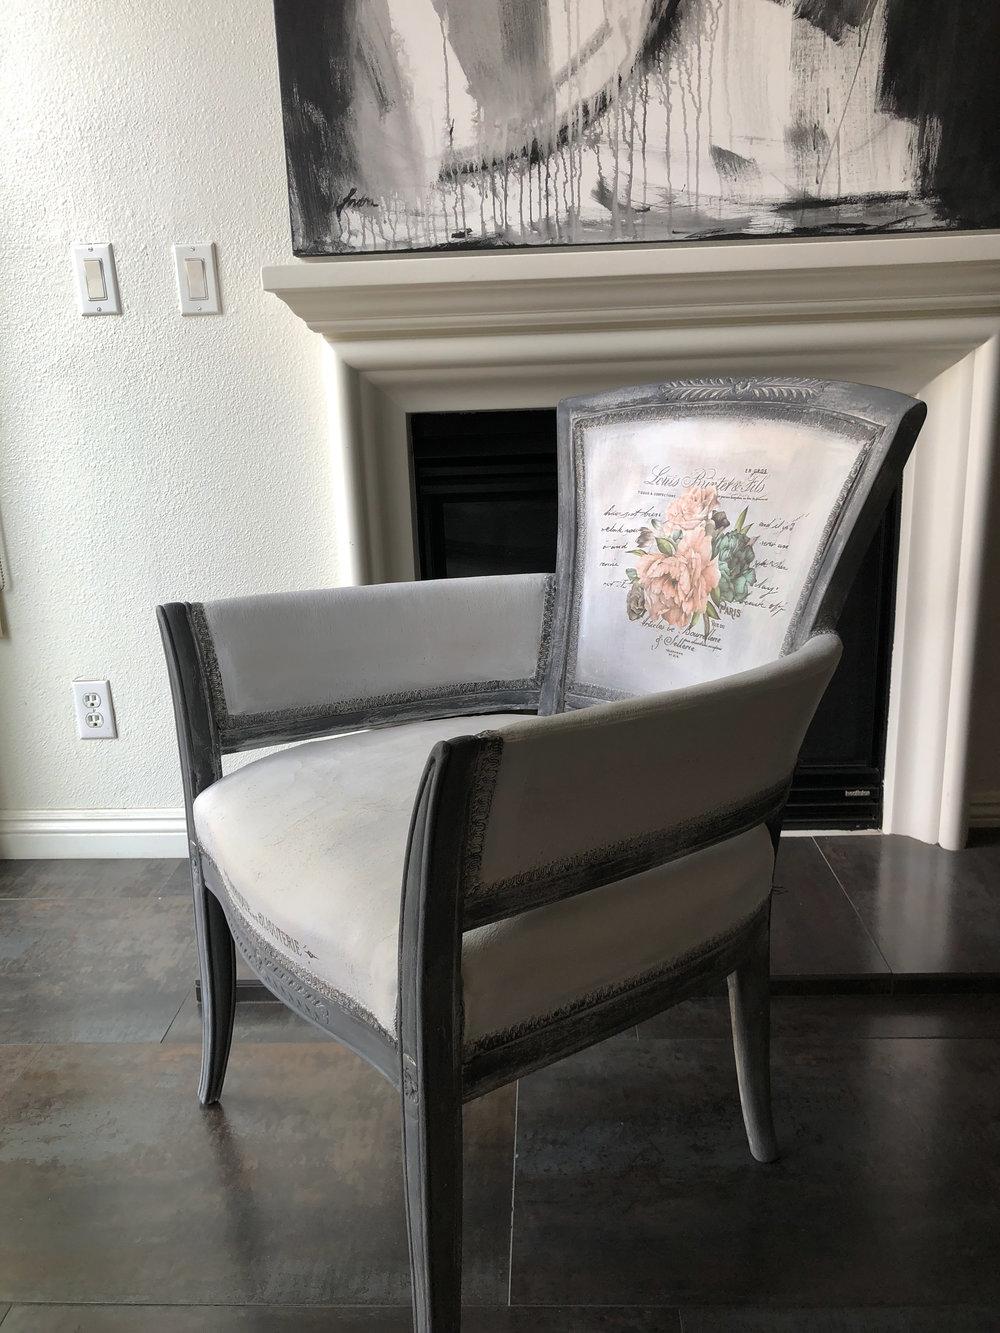 Vernis Ou Vitrificateur Sur Un Meuble Peint transferts pelliculables pour meubles - avec passion, le blog